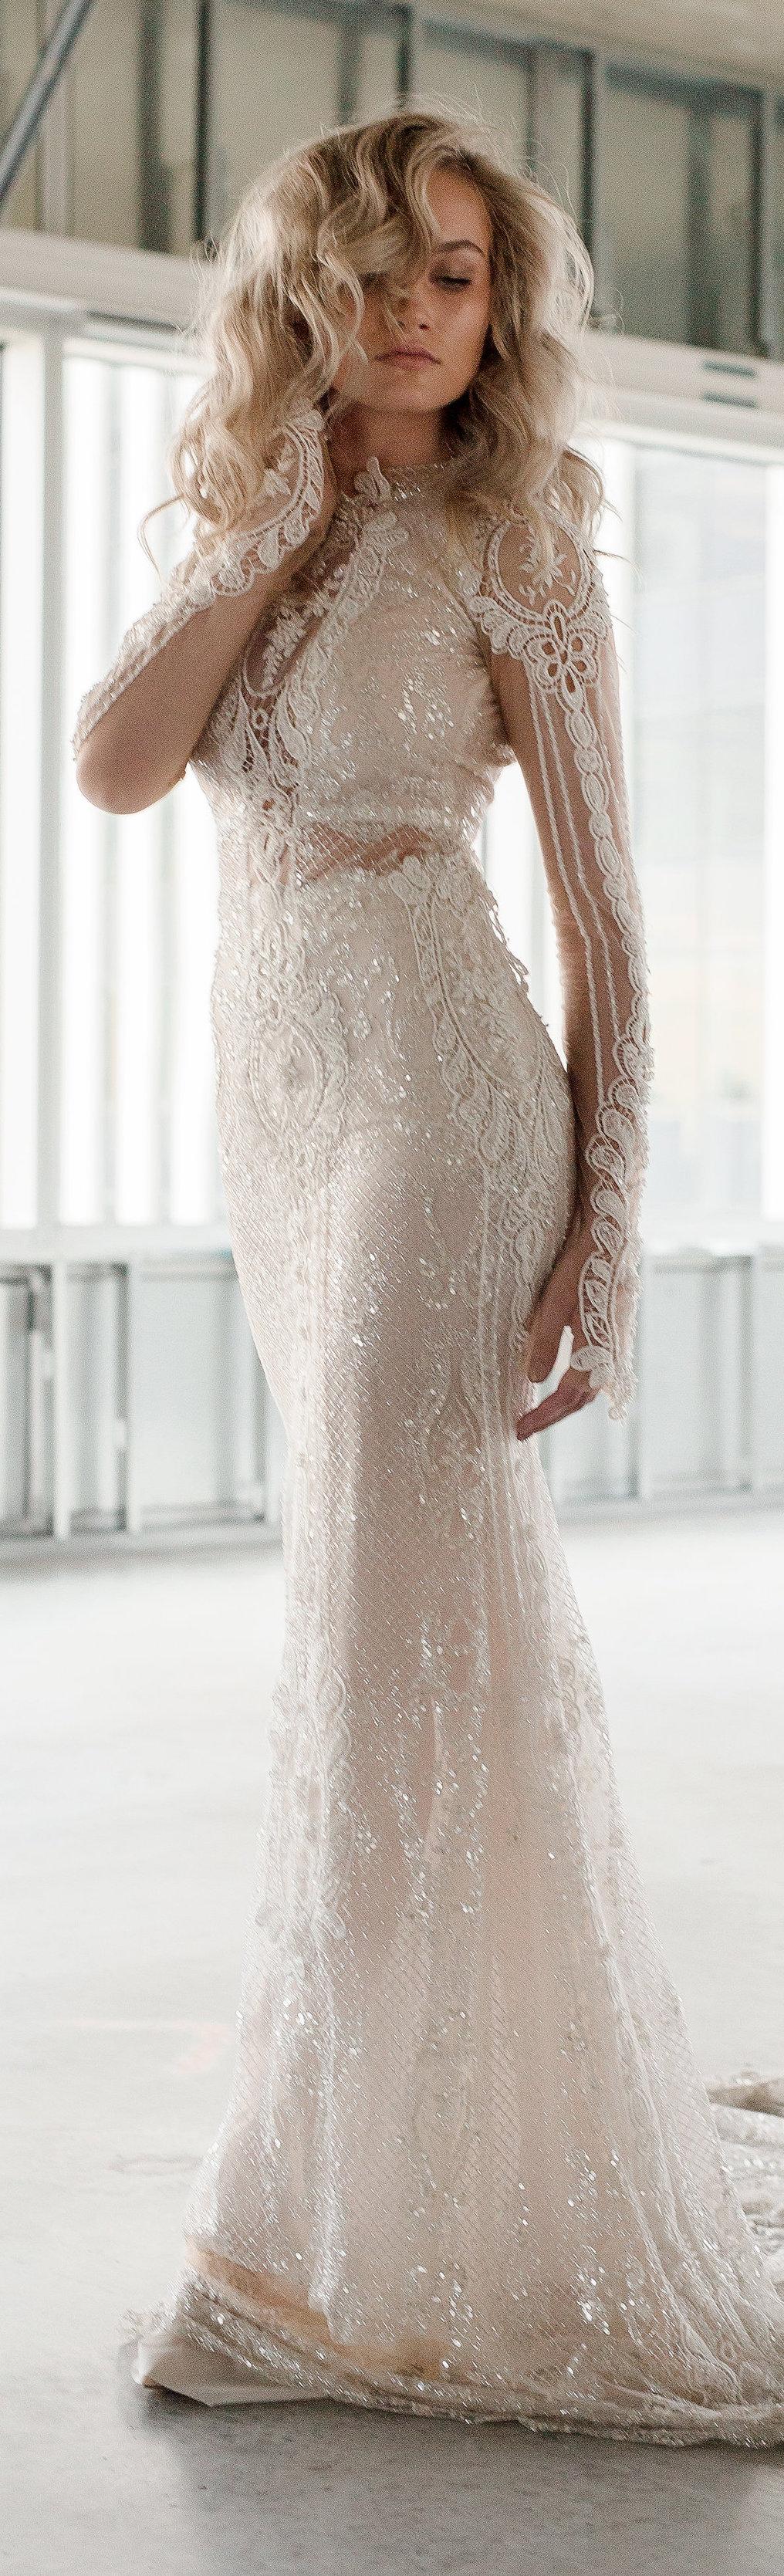 e7770f71af7d GALA-805 - Collection No. III - Bridal Dresses